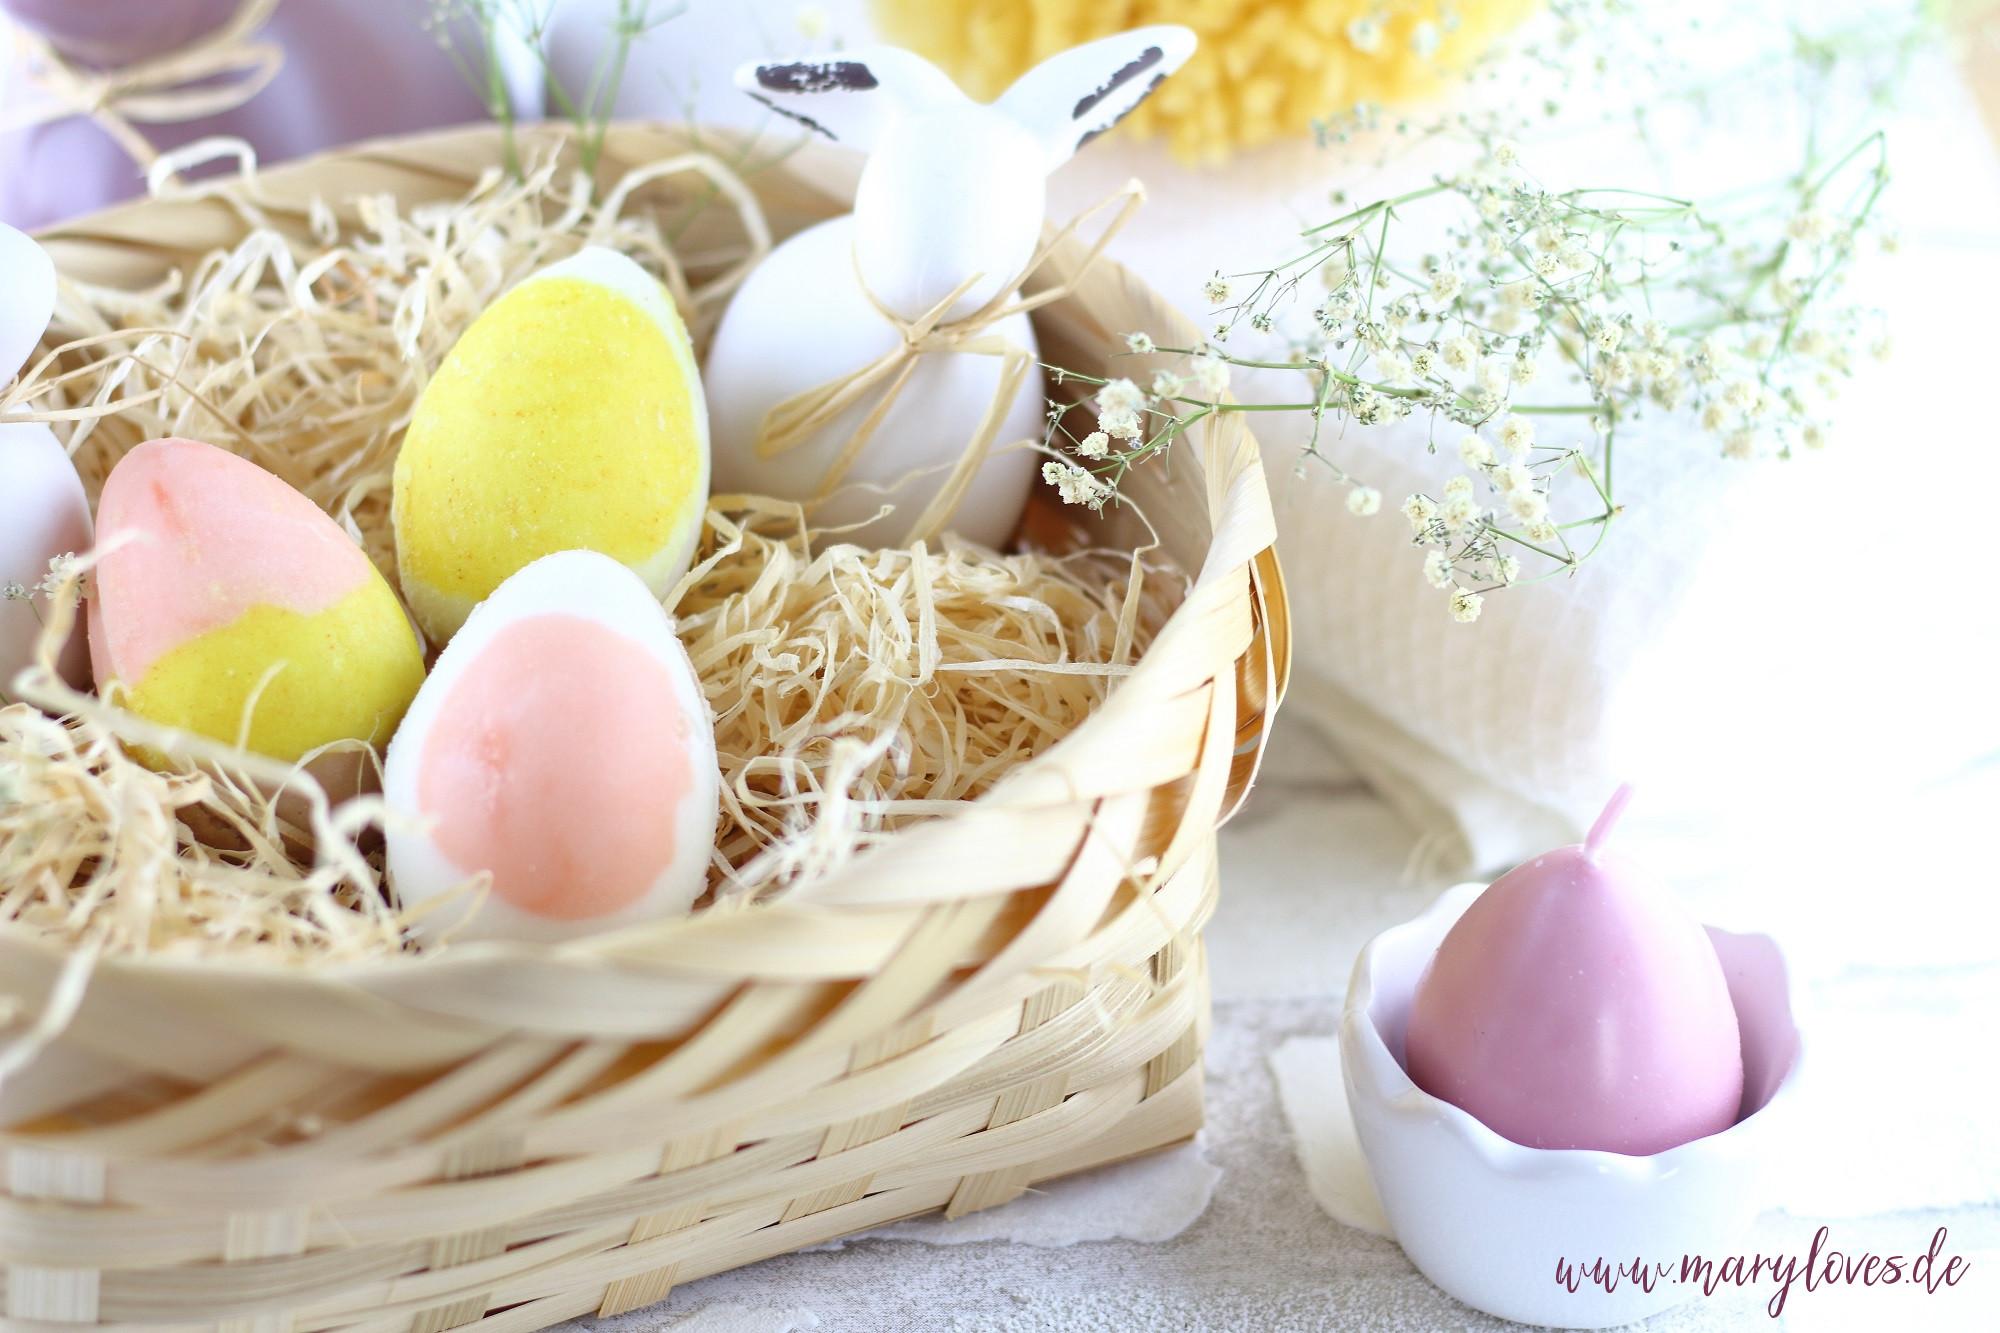 [Werbung unbeauftragt] Geschenke aus dem Osterkörbchen: Bunte Oster-Badebomben in Ei-Form selber machen und zu Ostern eine duftend-sprudelnde Auszeit verschenken